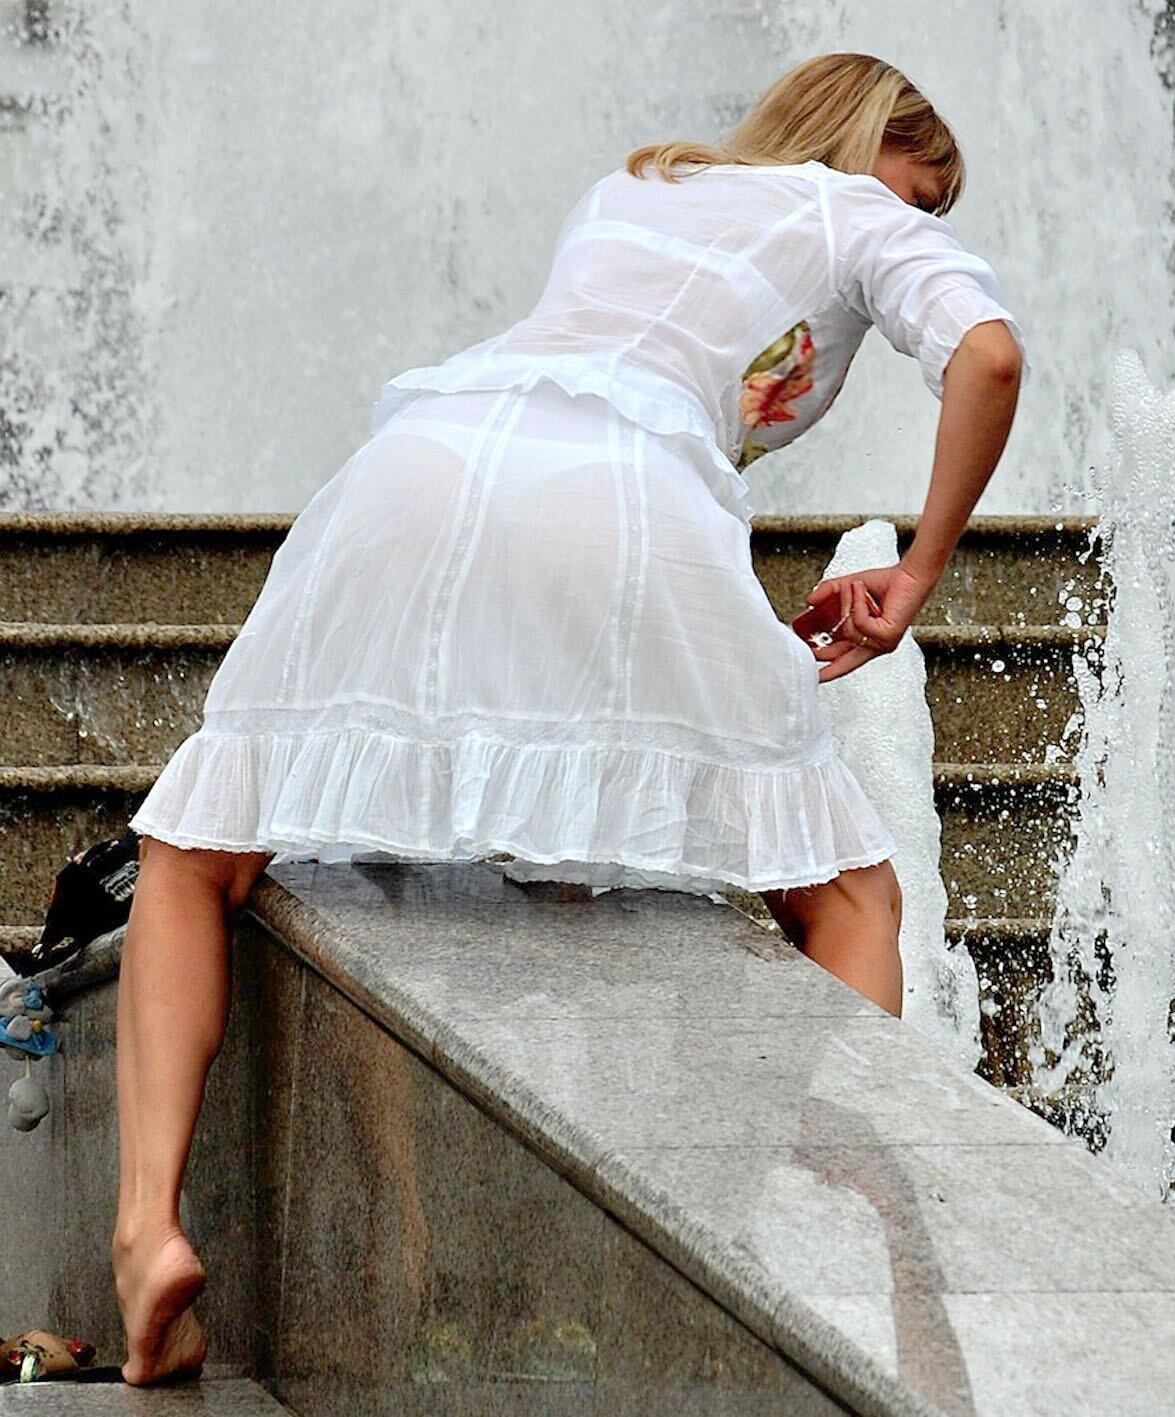 жена в белых прозрачных платьях или иначе, каждый